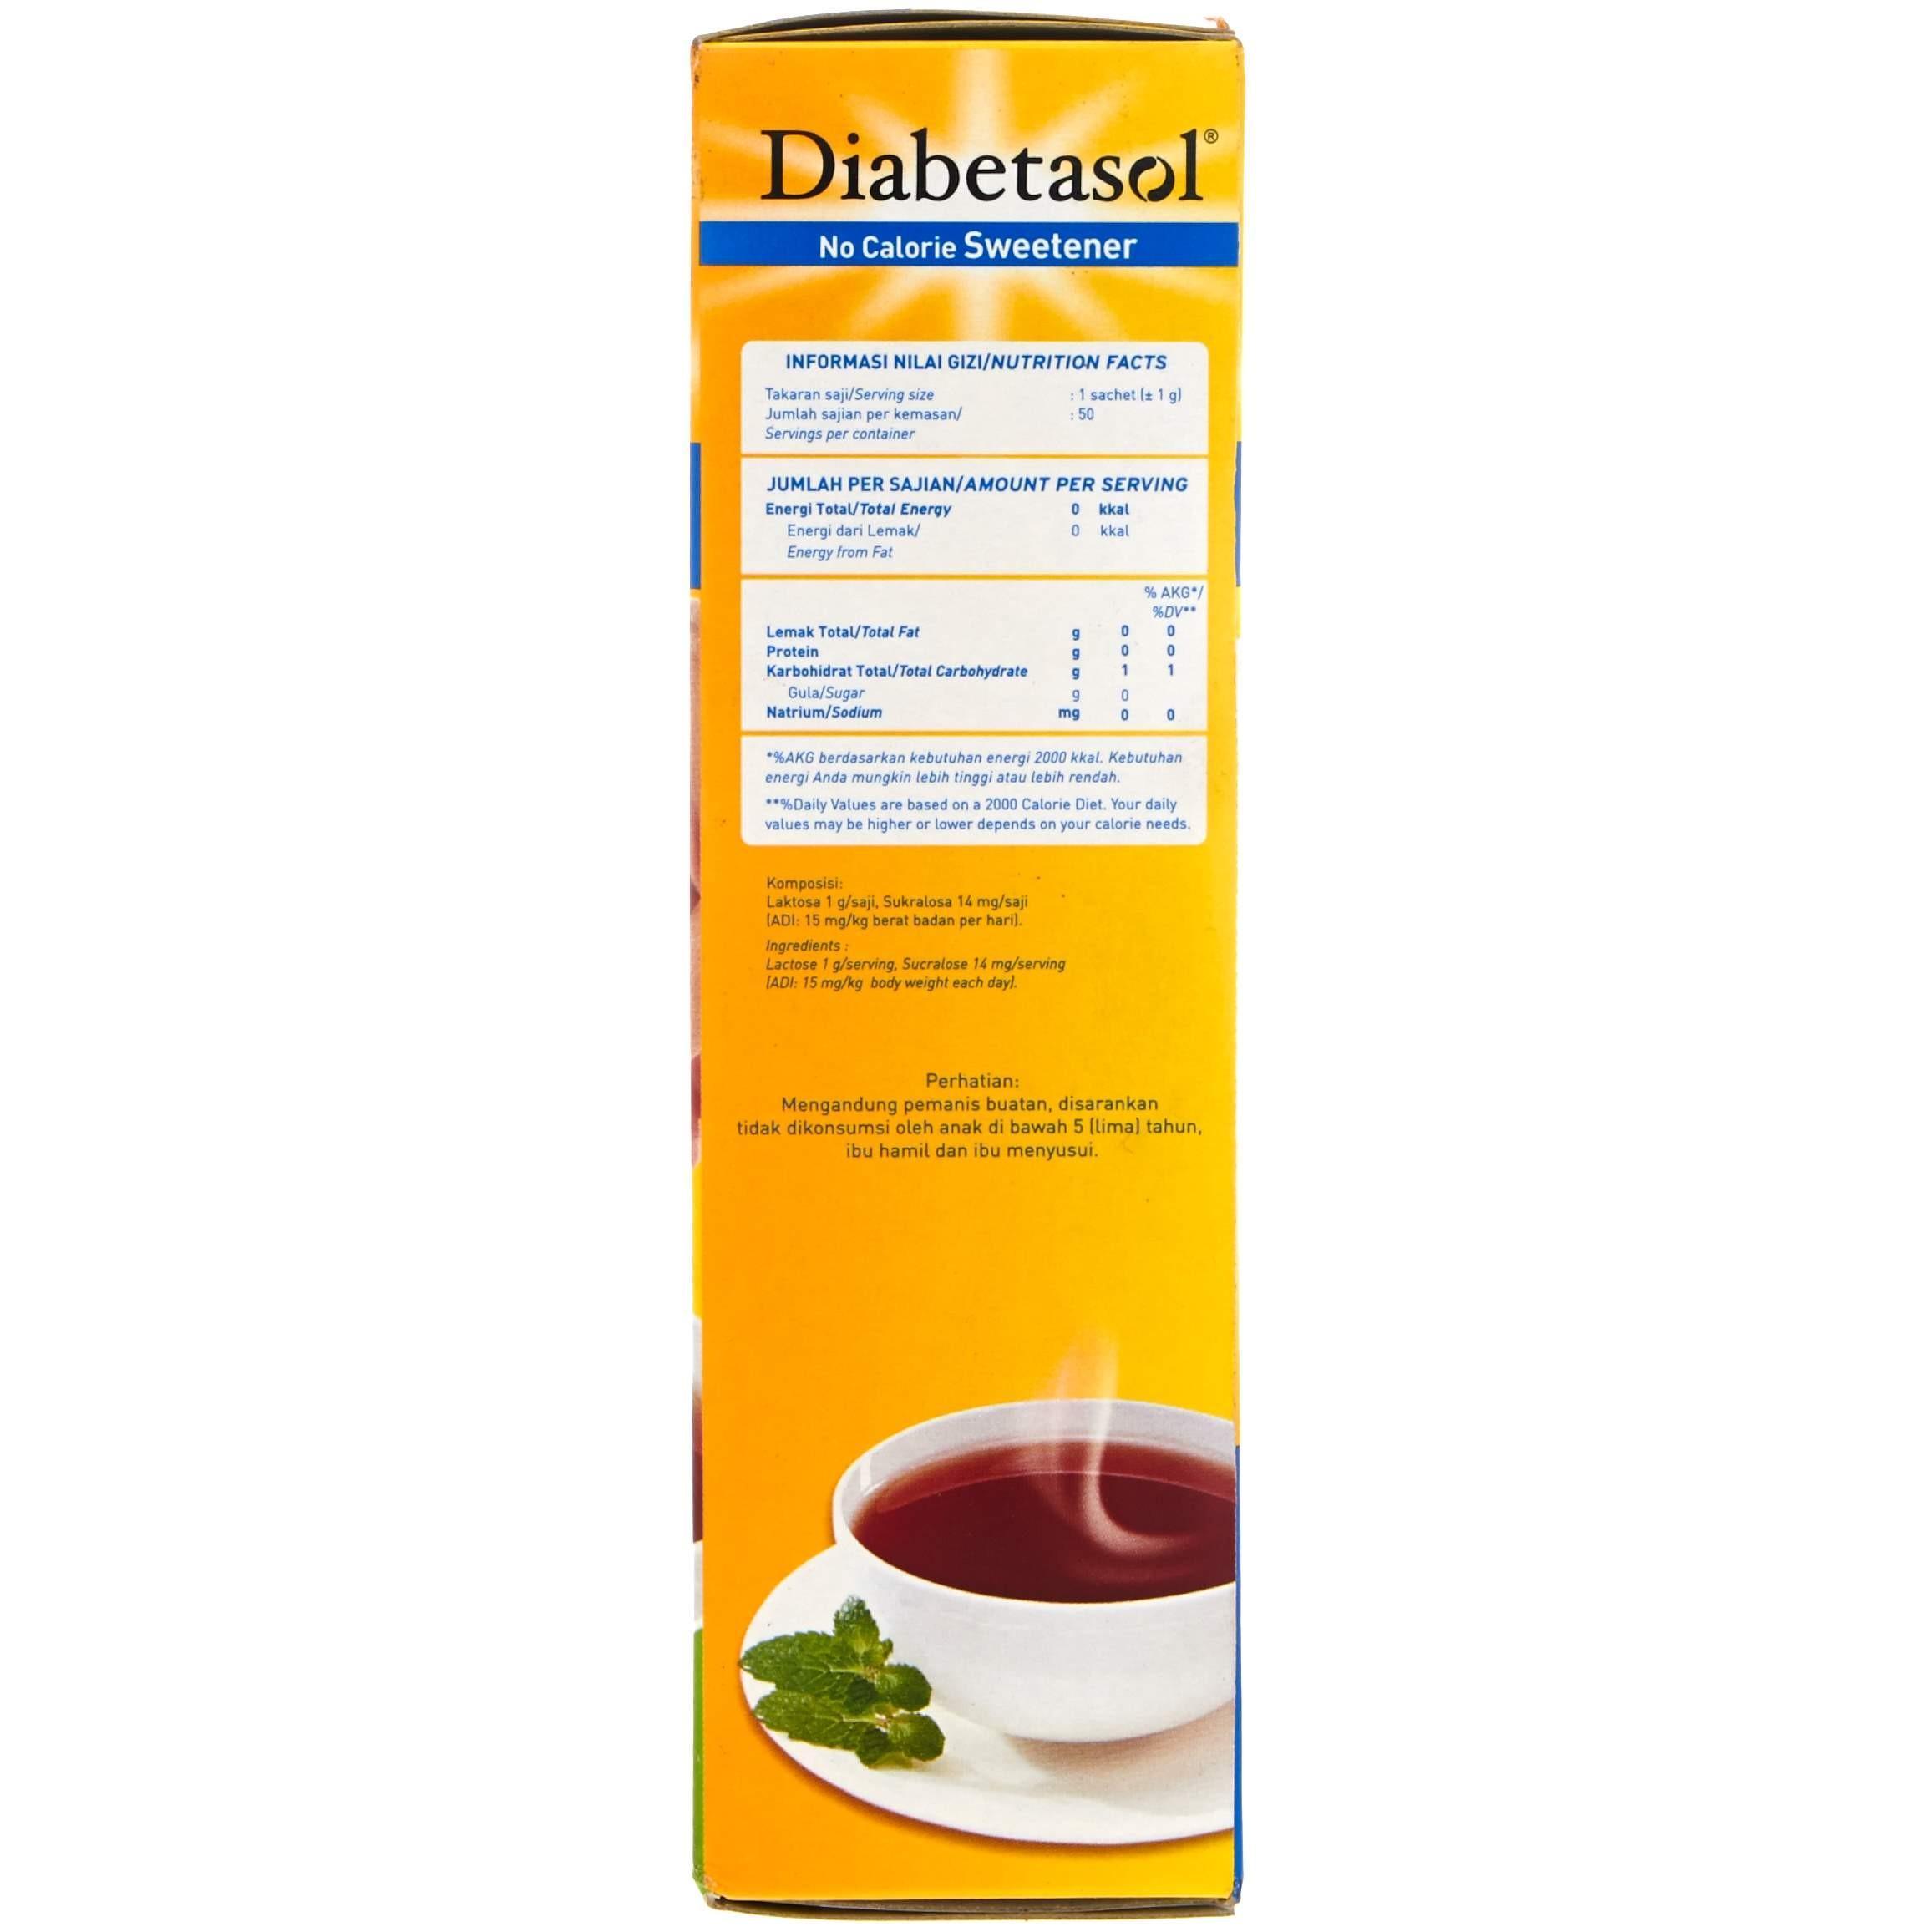 Cek Harga Baru Diabetasol No Calorie Sweetener 50g Terkini Situs Gula 2